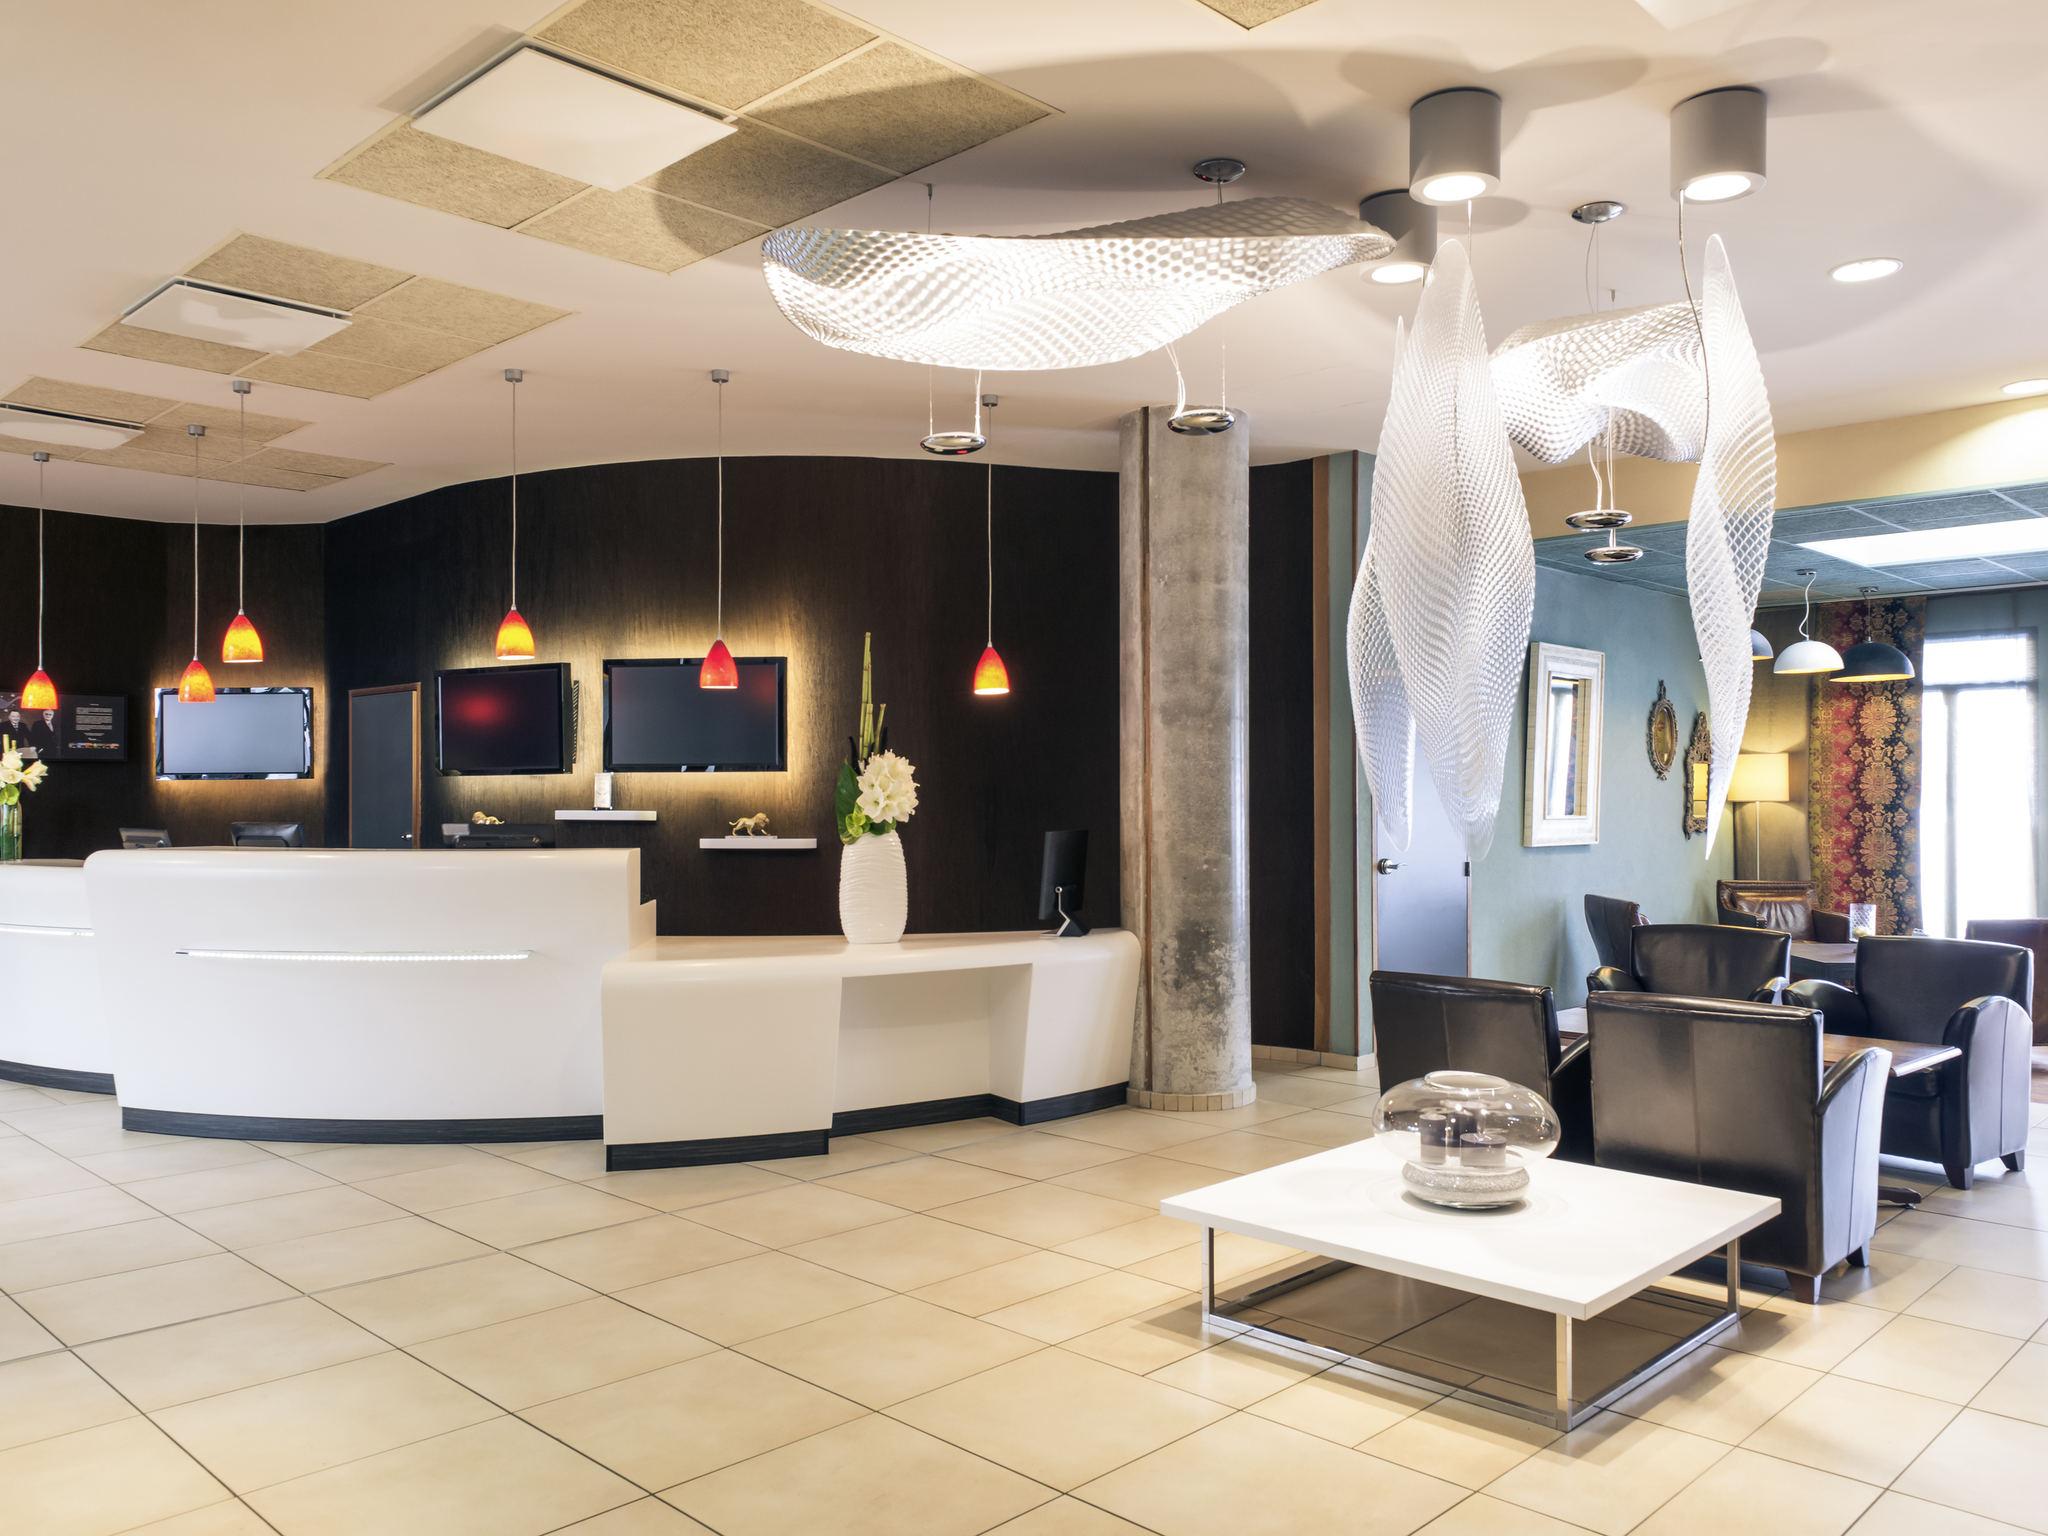 Otel – Mercure Lyon Centre - Gare Part Dieu oteli